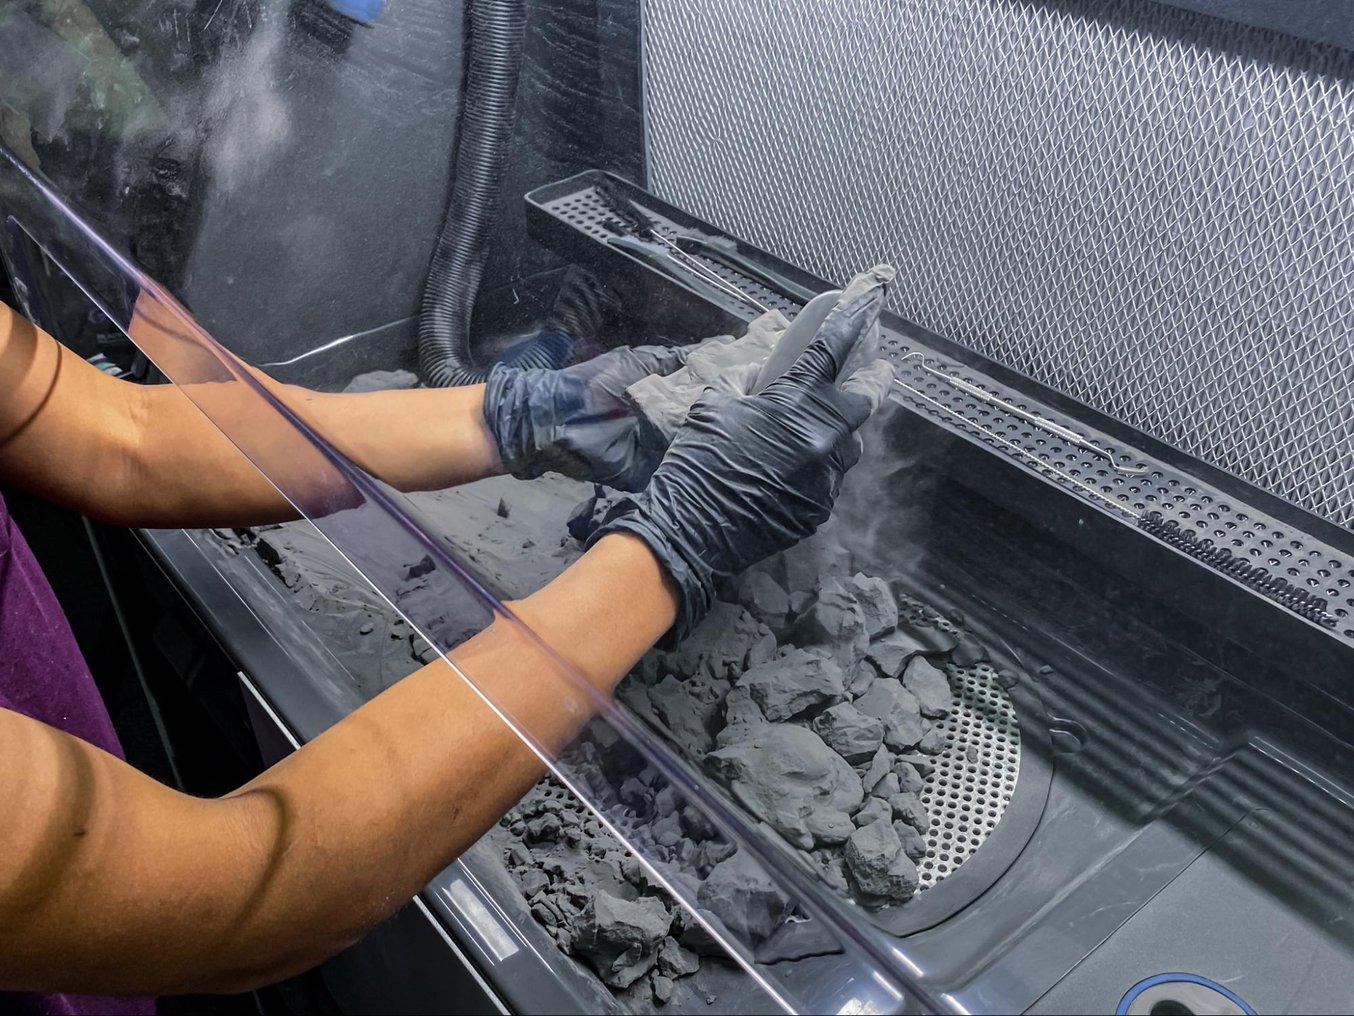 La Fuse Sift puede dosificar y mezclar el polvo usado y el polvo nuevo de manera automática para que puedas reducir los residuos y controlar tu suministro de polvo.